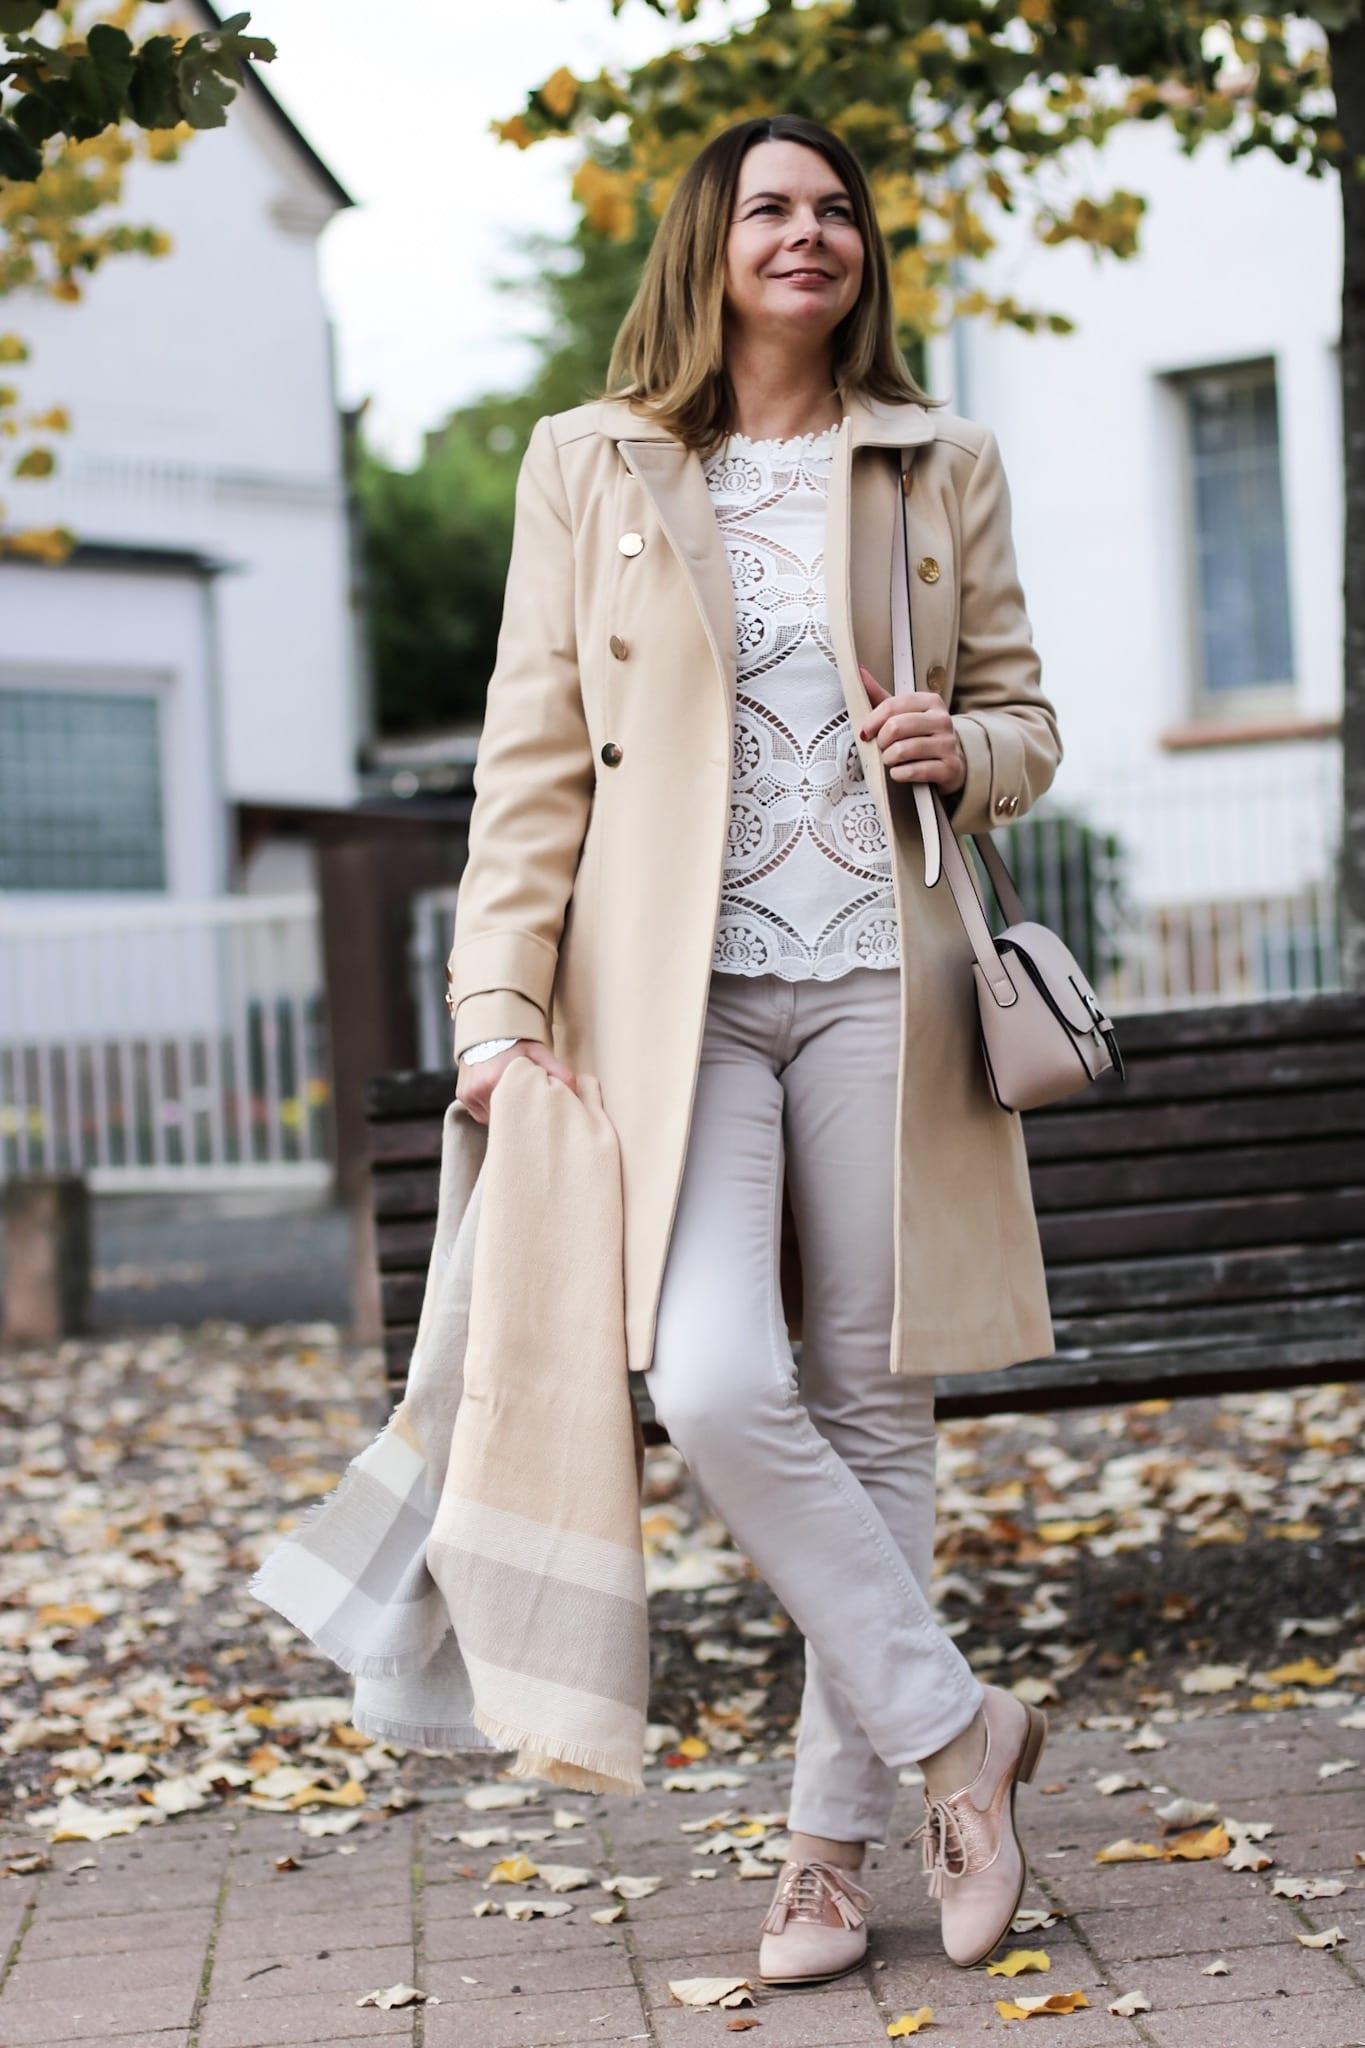 Ein klassisch geschnittener Wollmantel steht jeder Frau in jedem Alter.